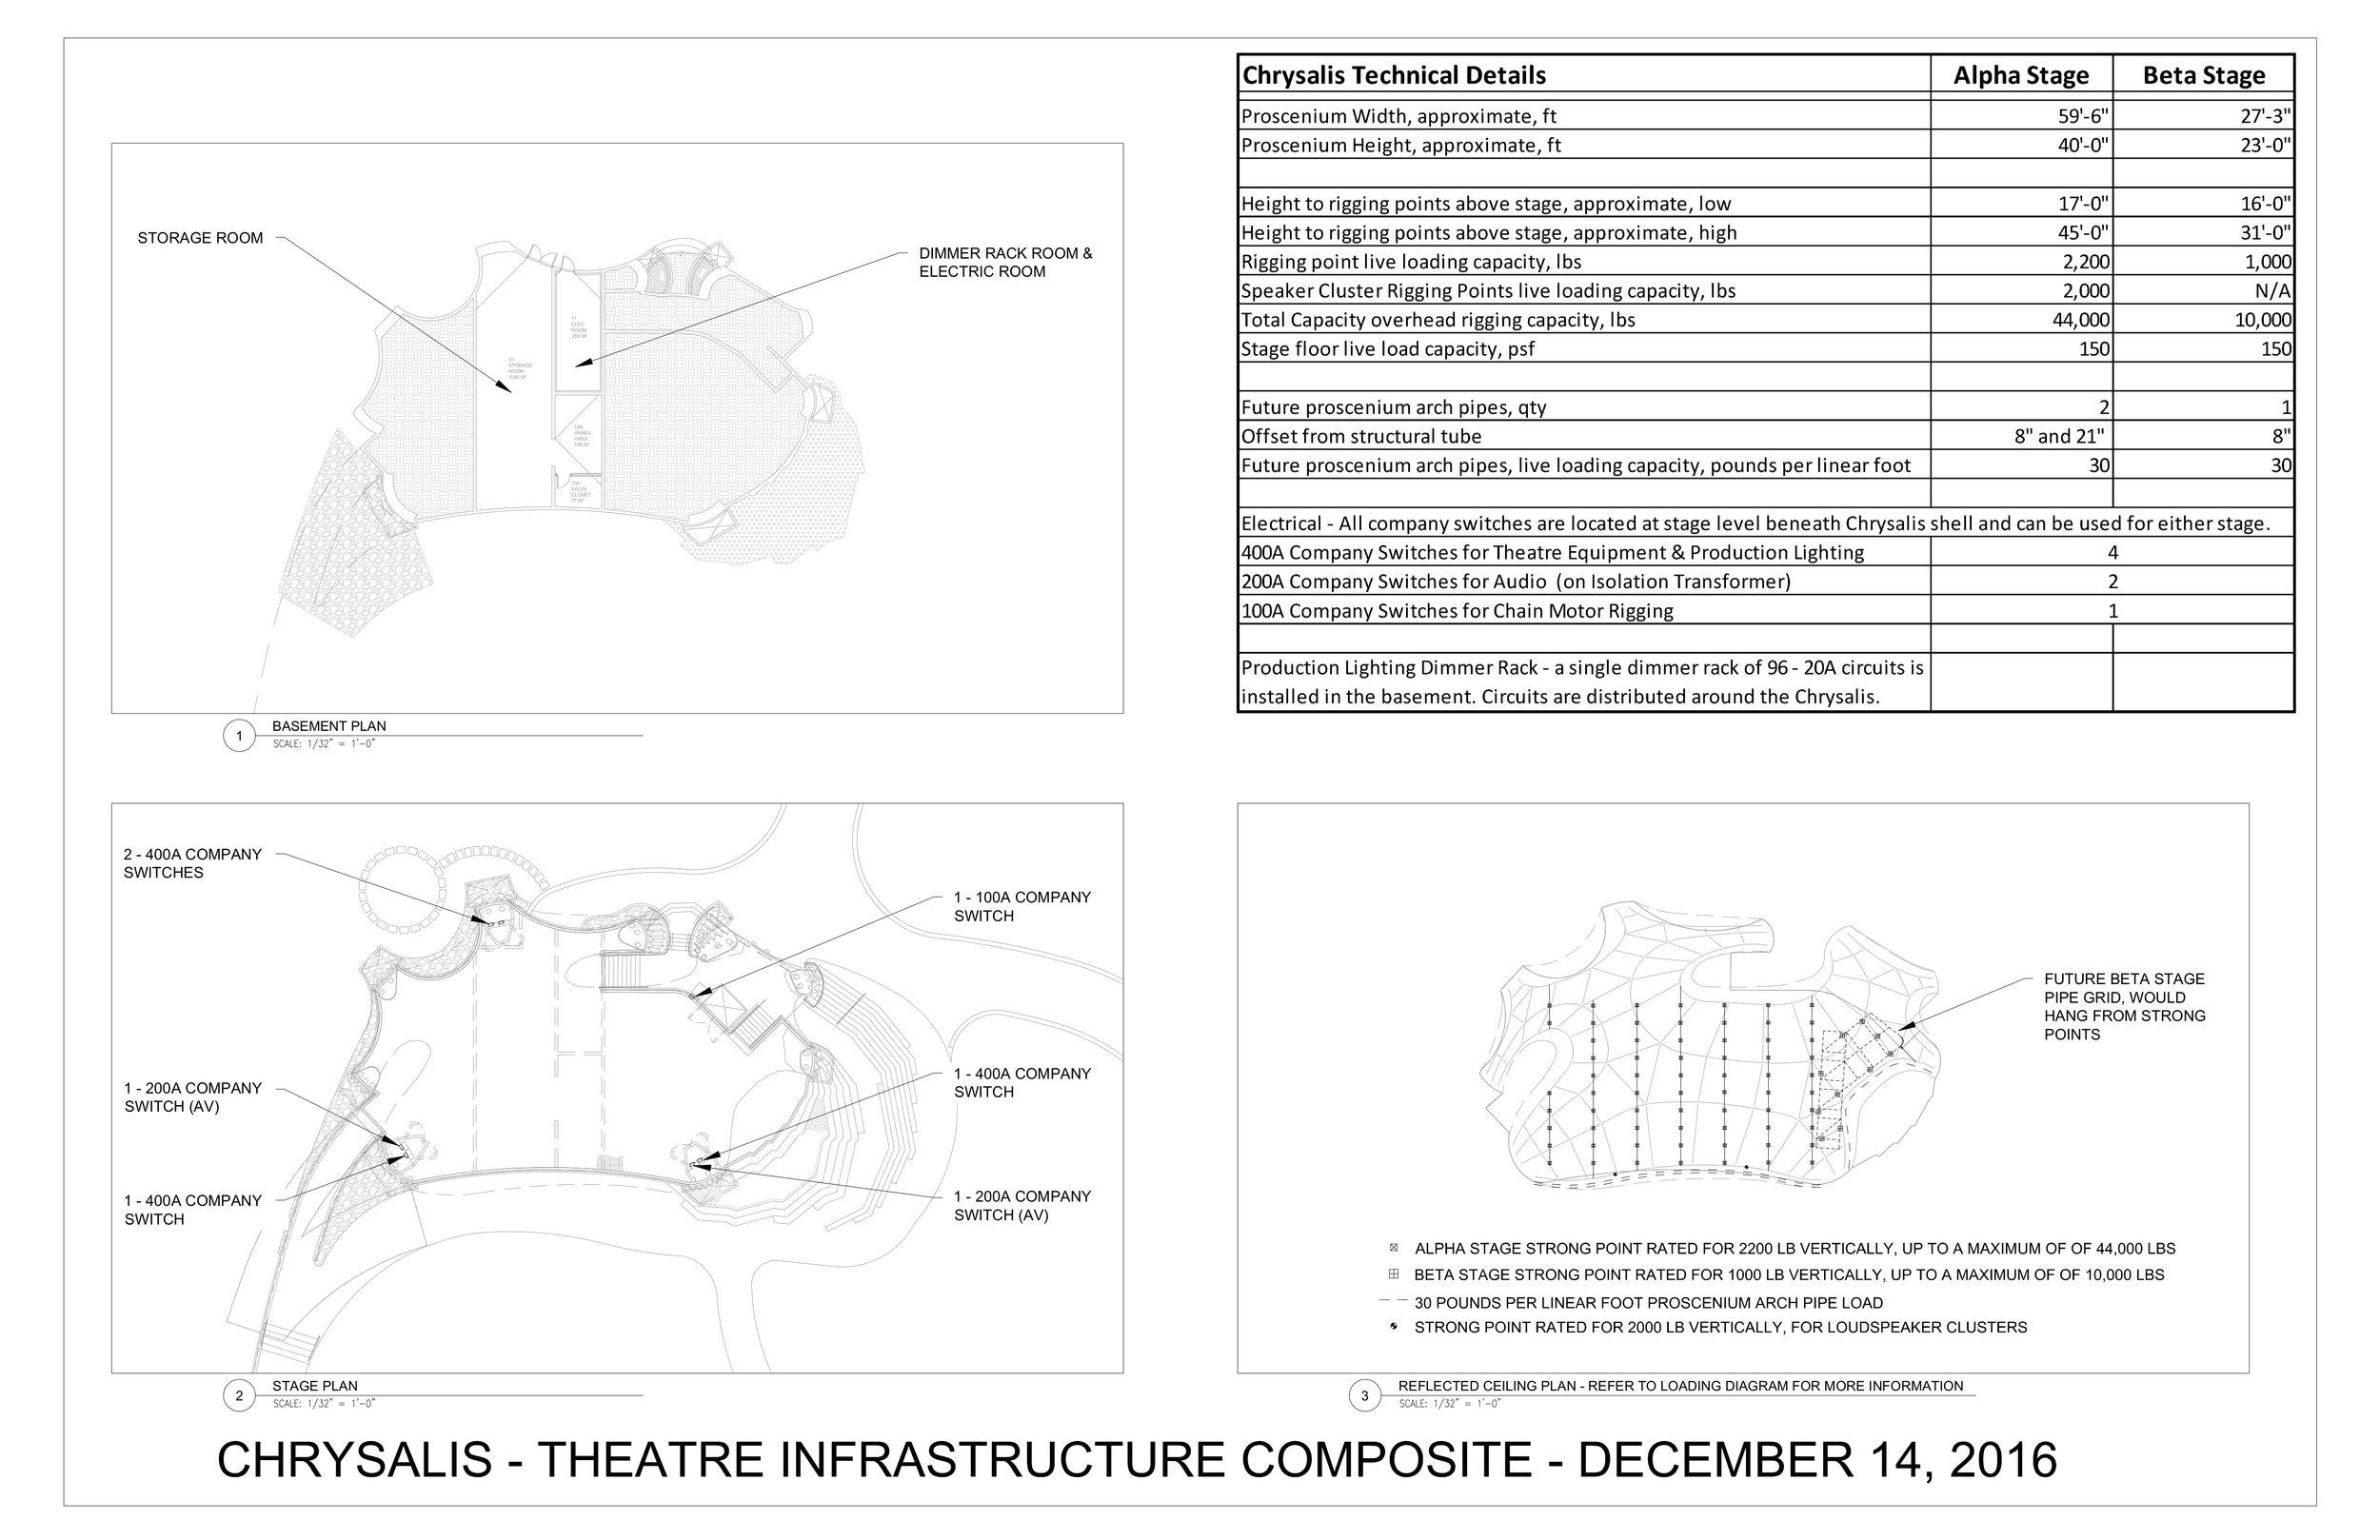 Theatre+Infrastructure+Composite.jpg